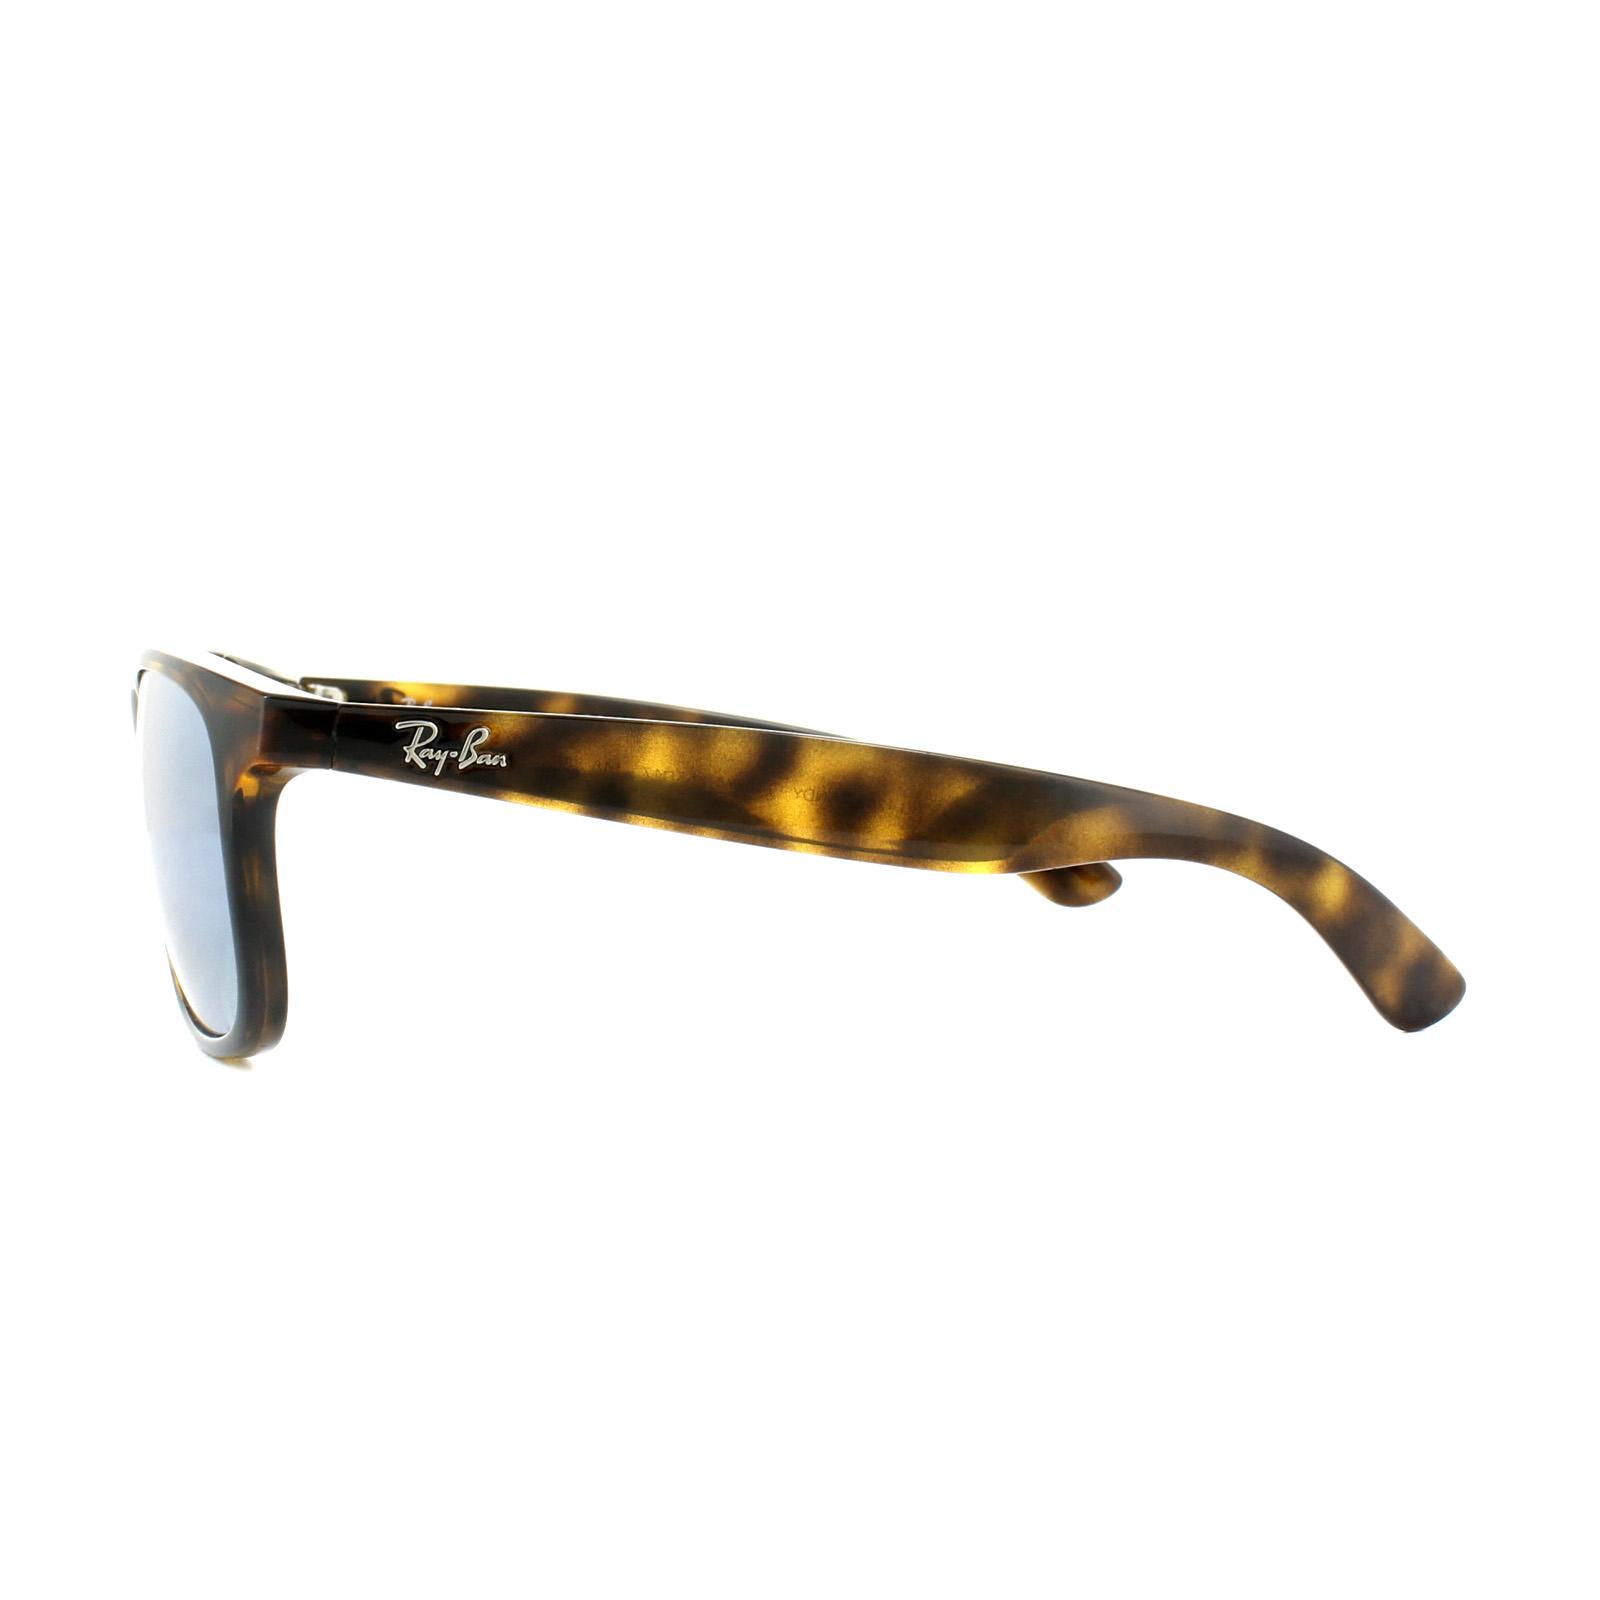 Sentinel Ray-Ban Sunglasses Andy 4202 710 Y4 Havana Silver Mirror Polarized fbd5818b05